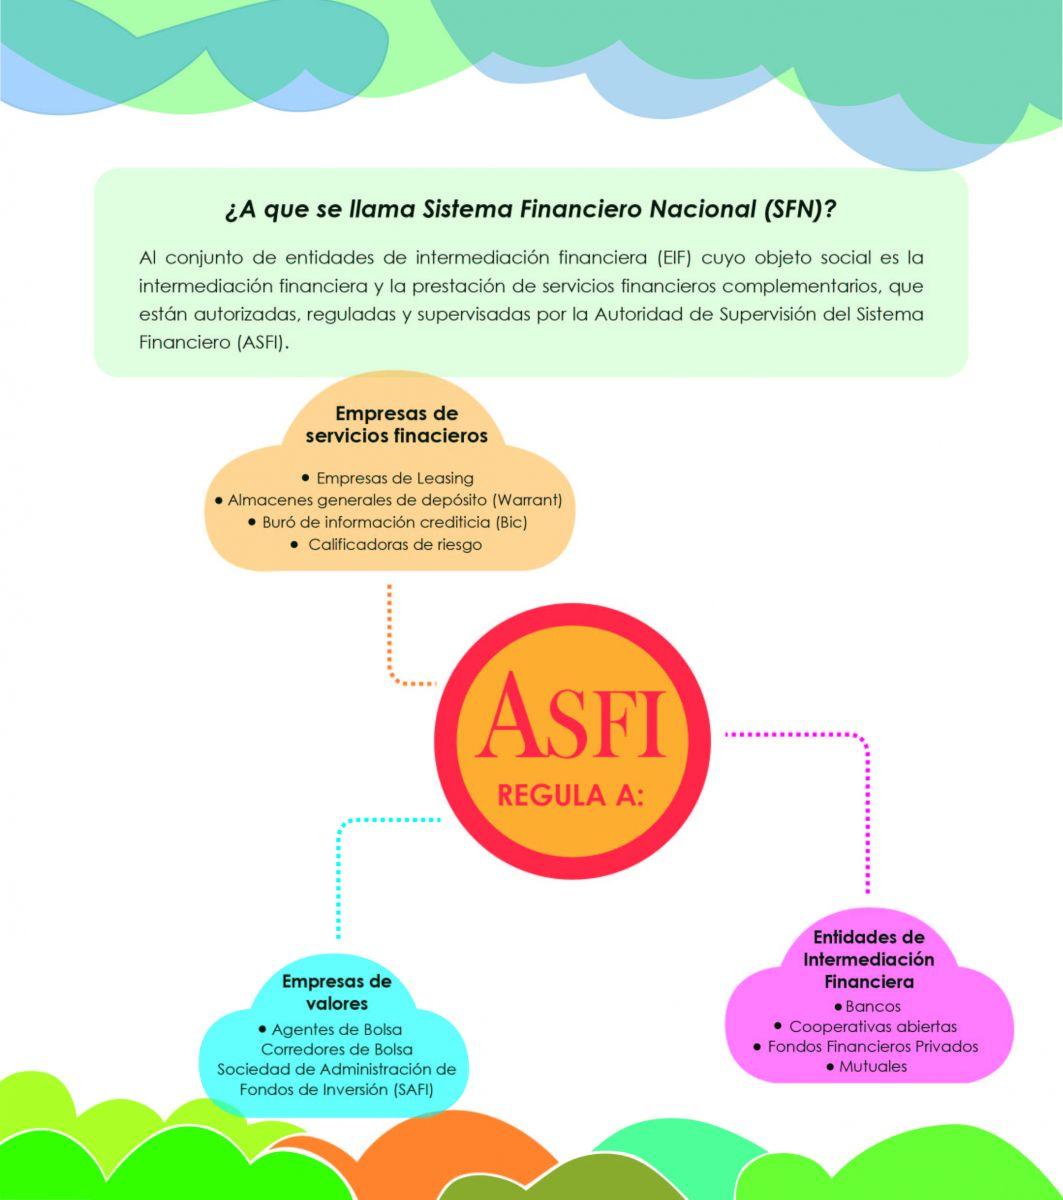 ¿A que se llama Sistema Financiero Nacional (SFN)?